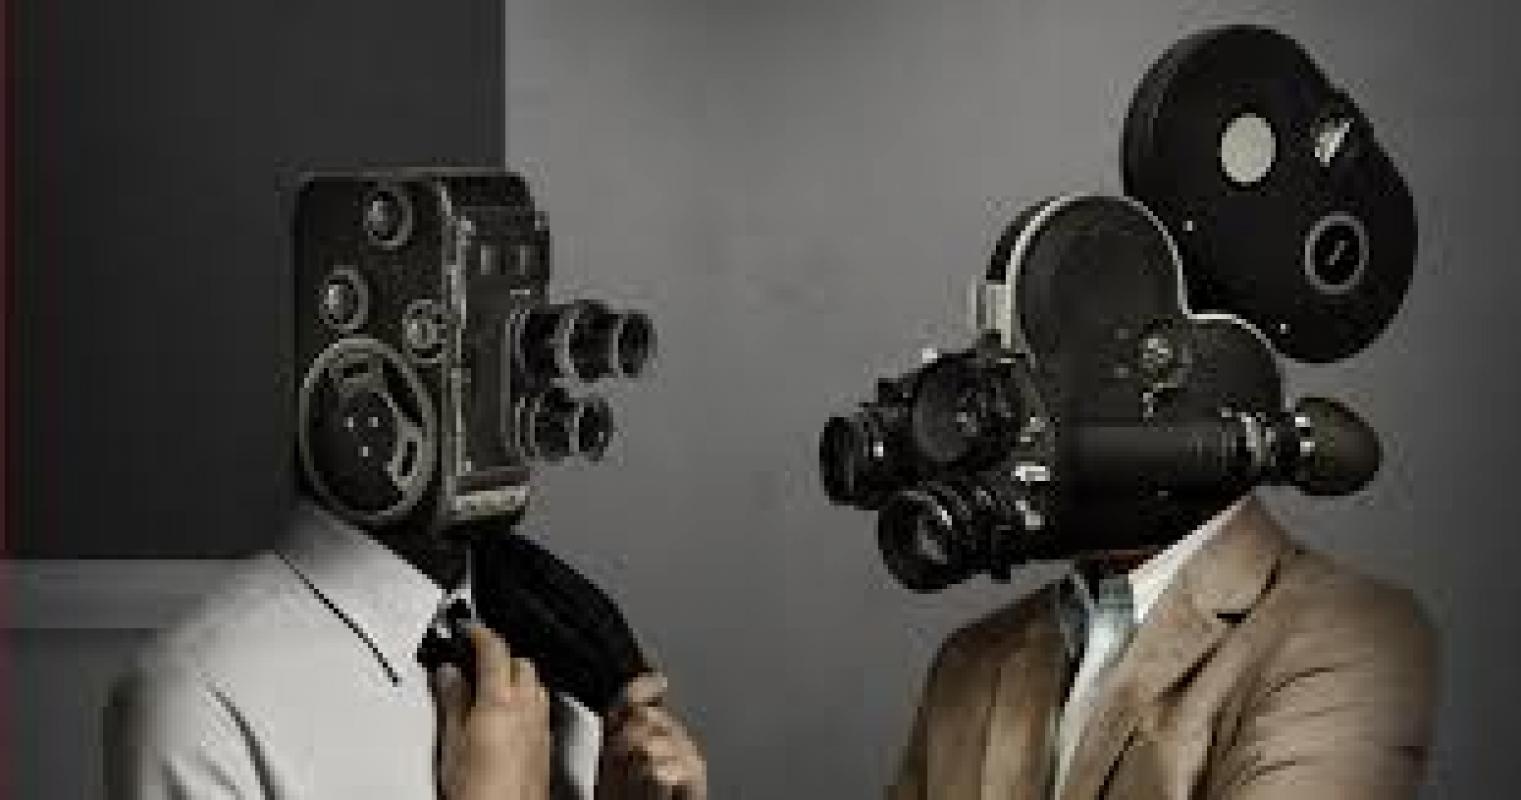 Для рекламного проекта в начале февраля ищем актеров 20-28 лет